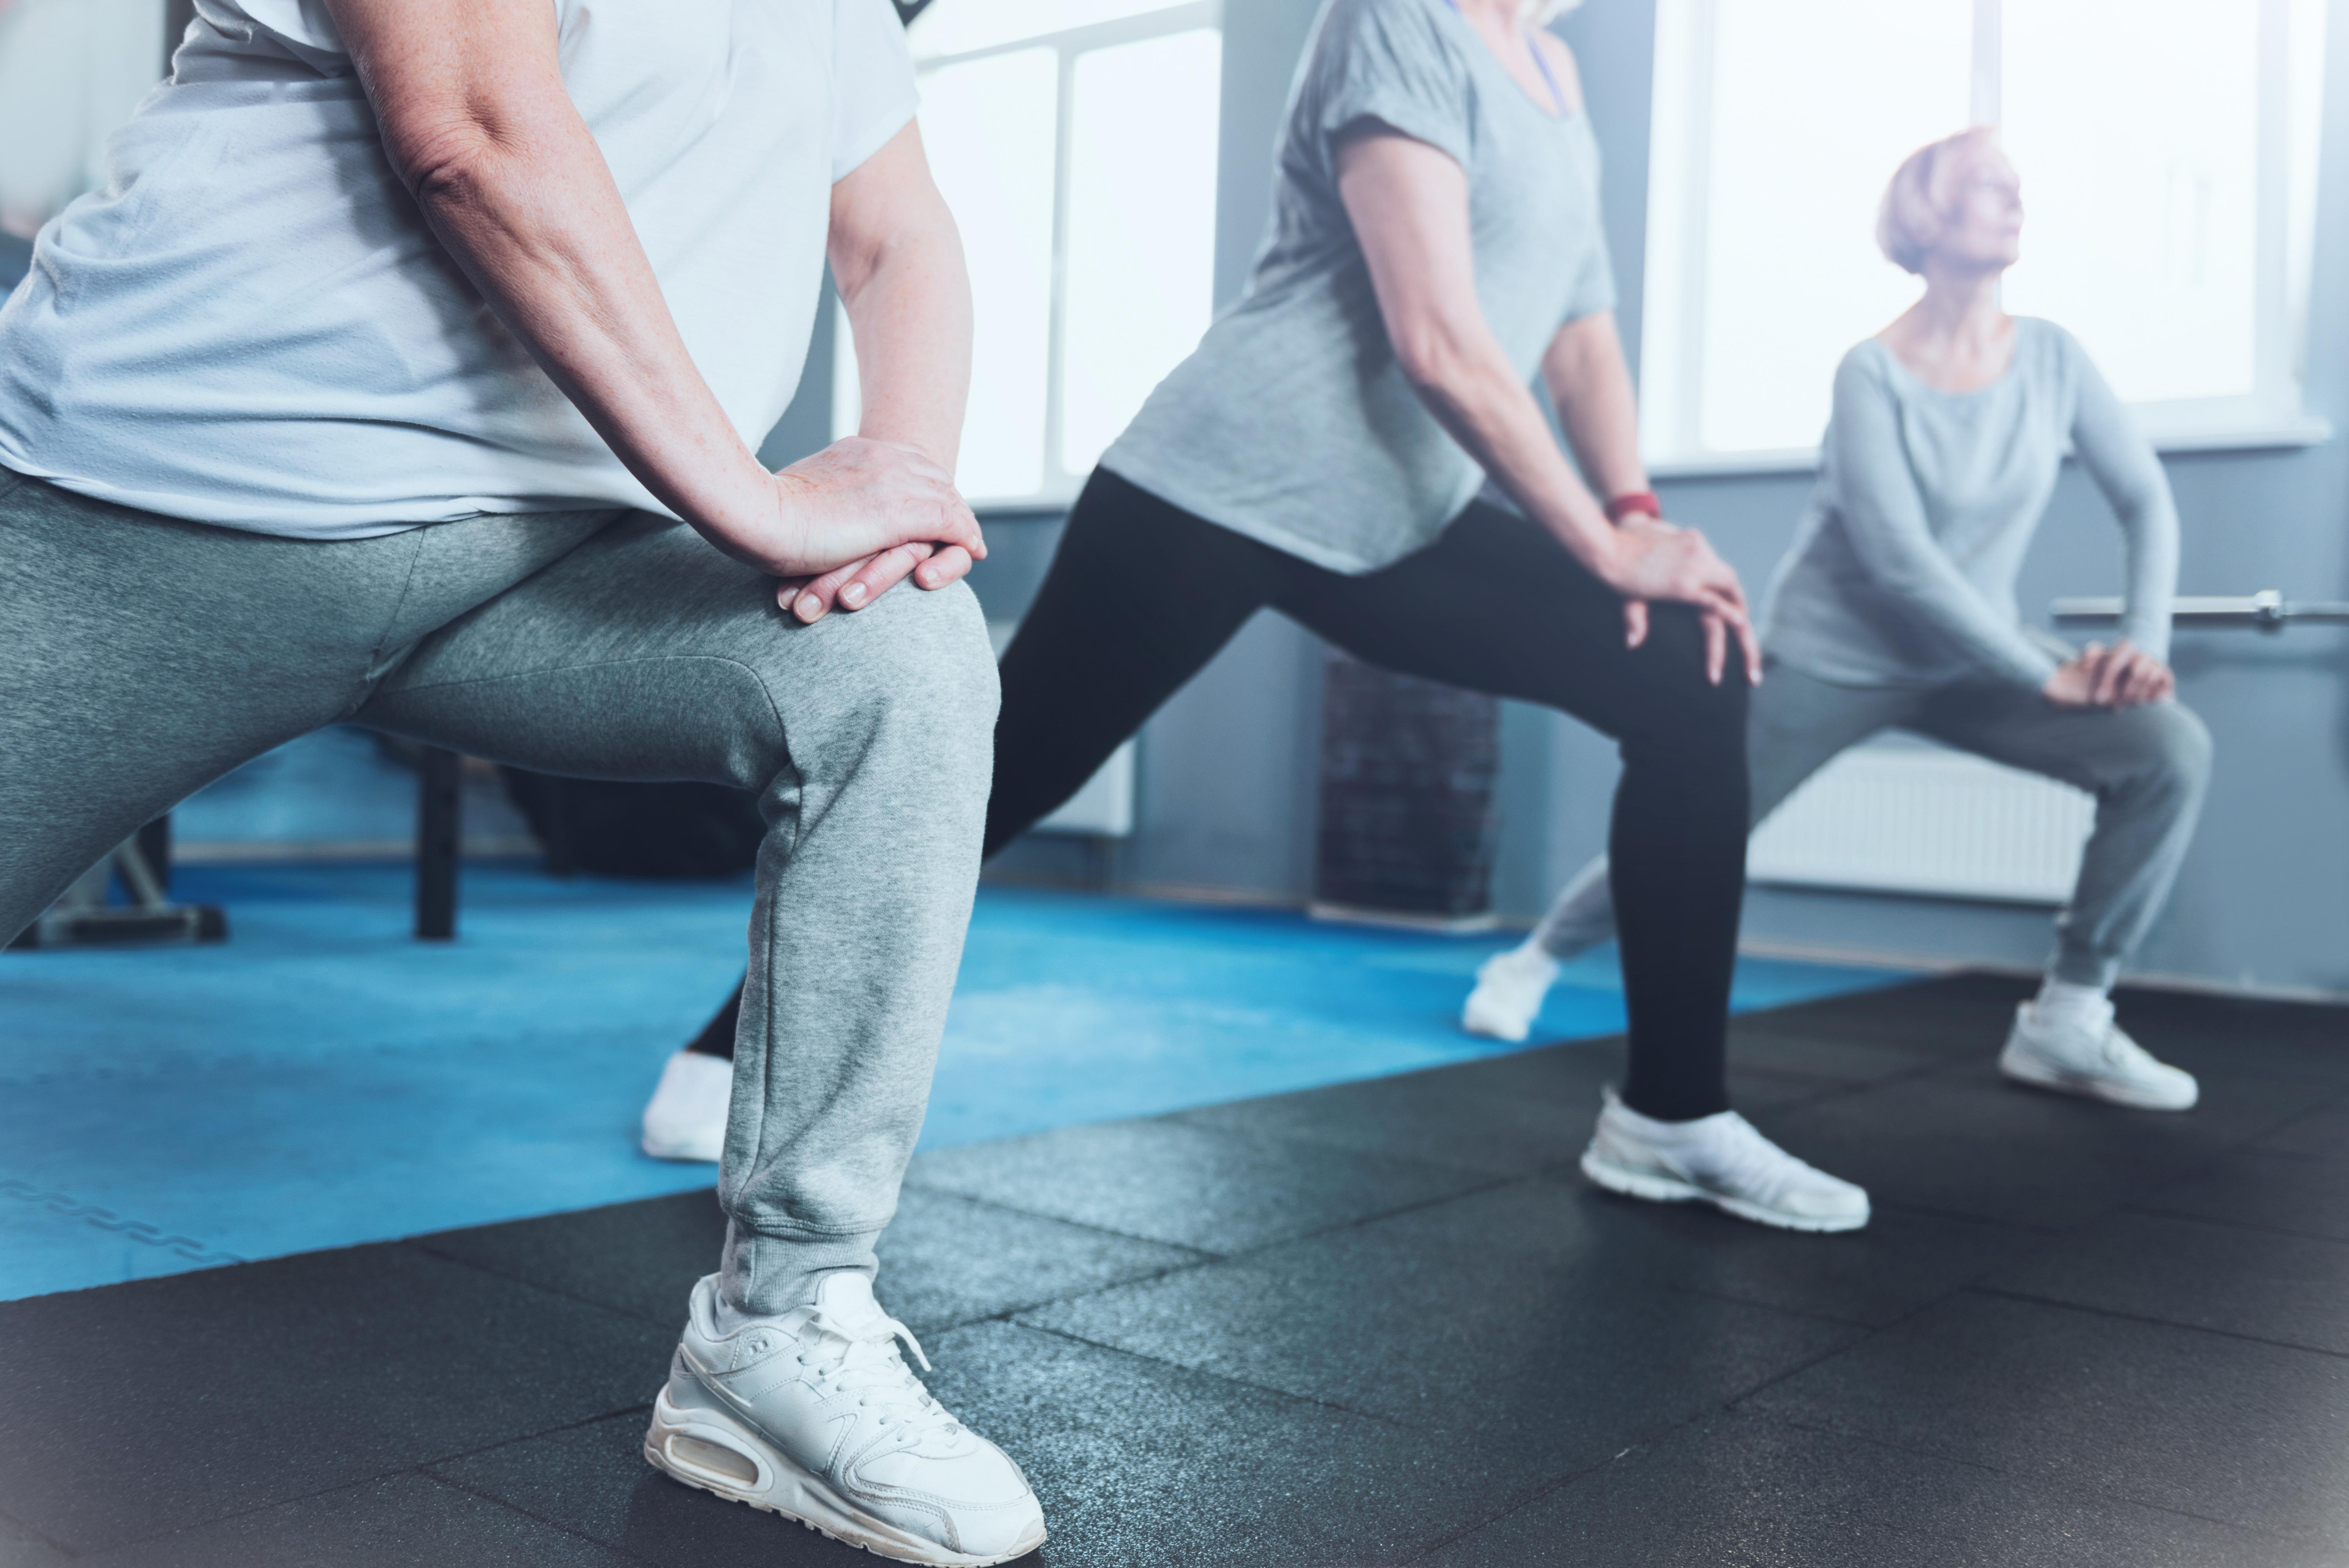 De petits changements de mode de vie, tout à fait acceptables, peuvent faire une grande différence dans l'amélioration de la santé vasculaire chez les personnes âgées souffrant d'obésité (Visuel Adobe Stock 1973233639)